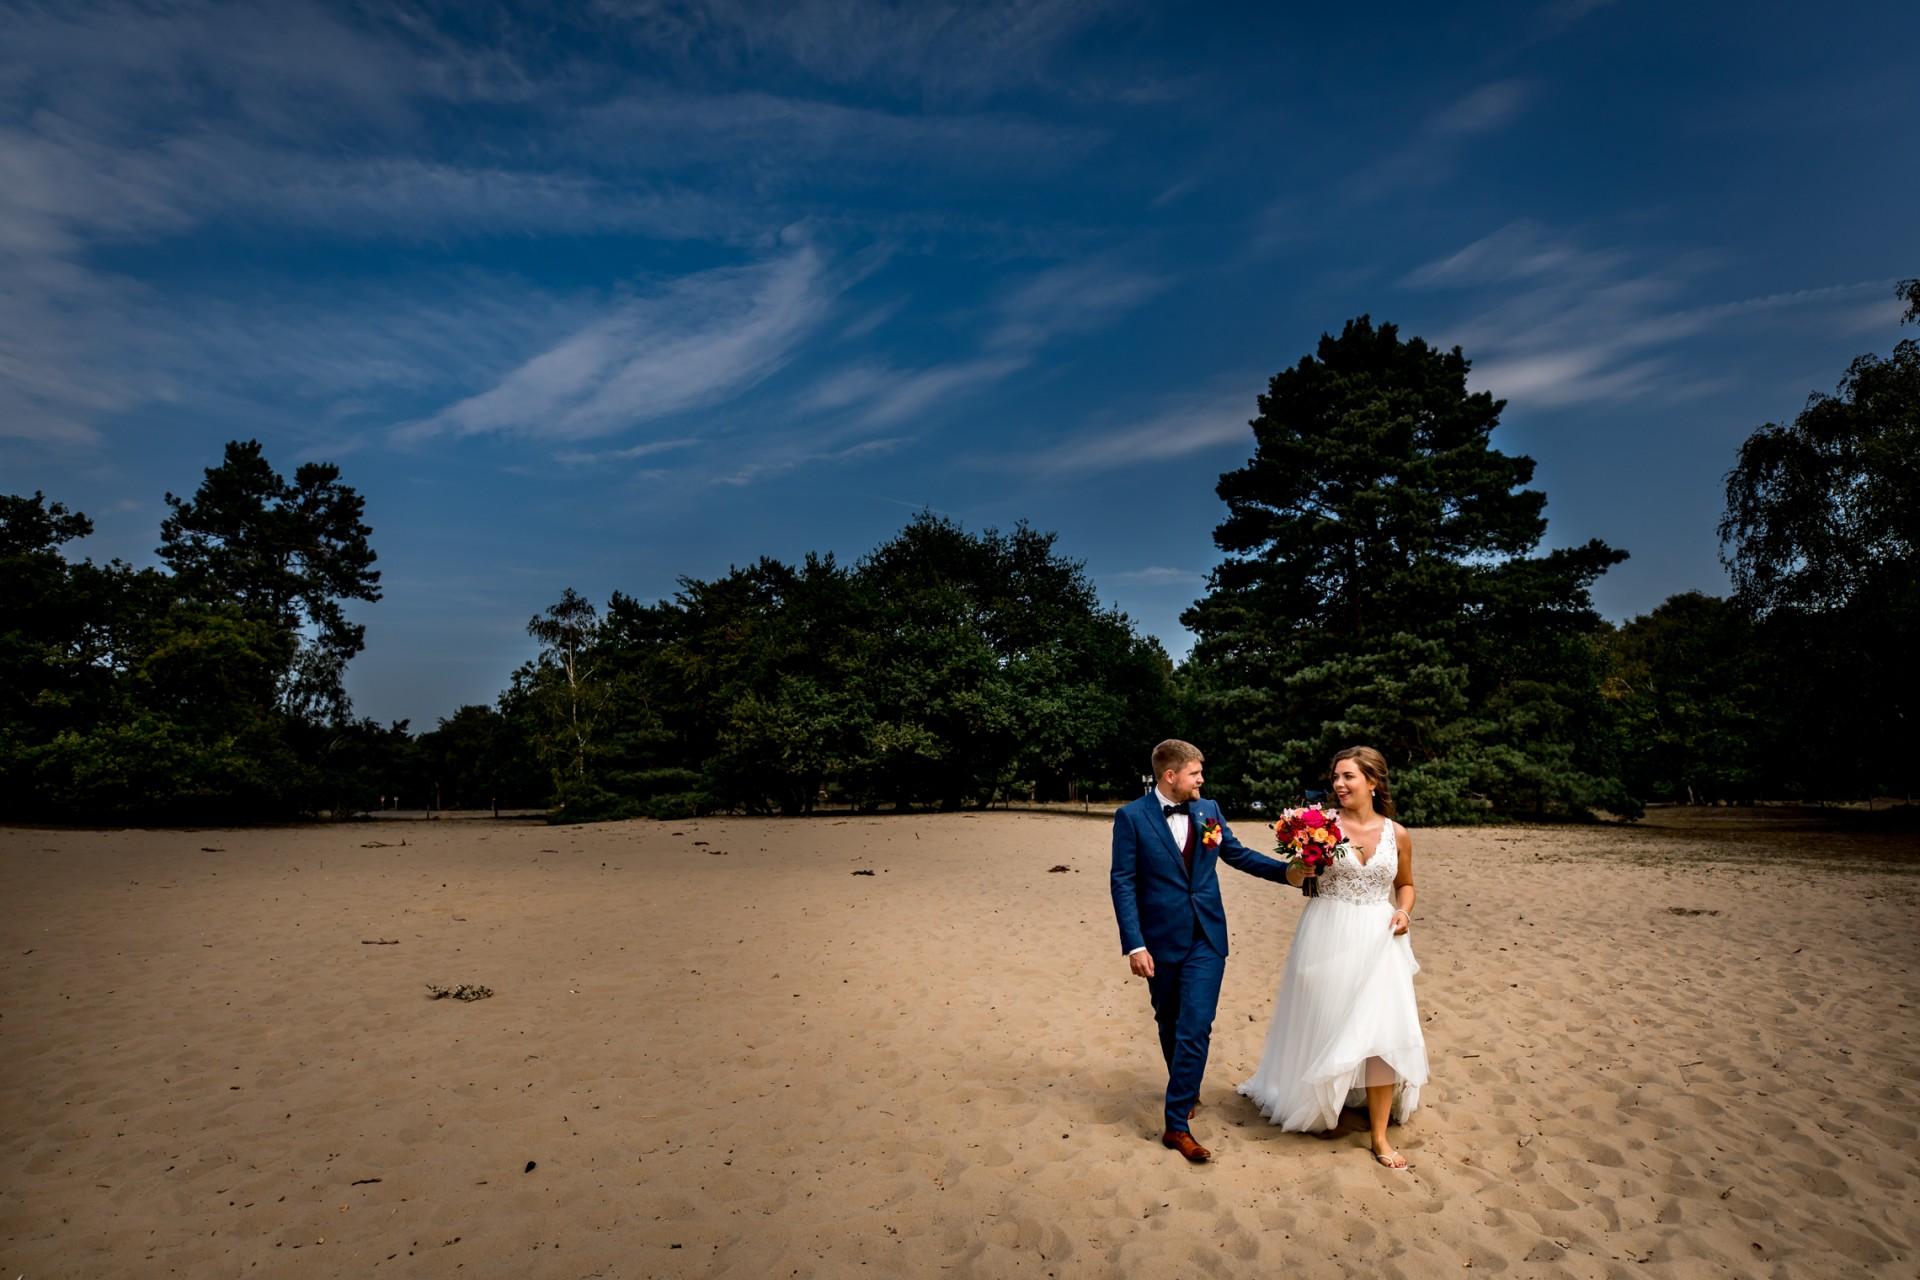 bruidsreportage en trouwen bij de Posbank op de Veluwe. Elainefotografie